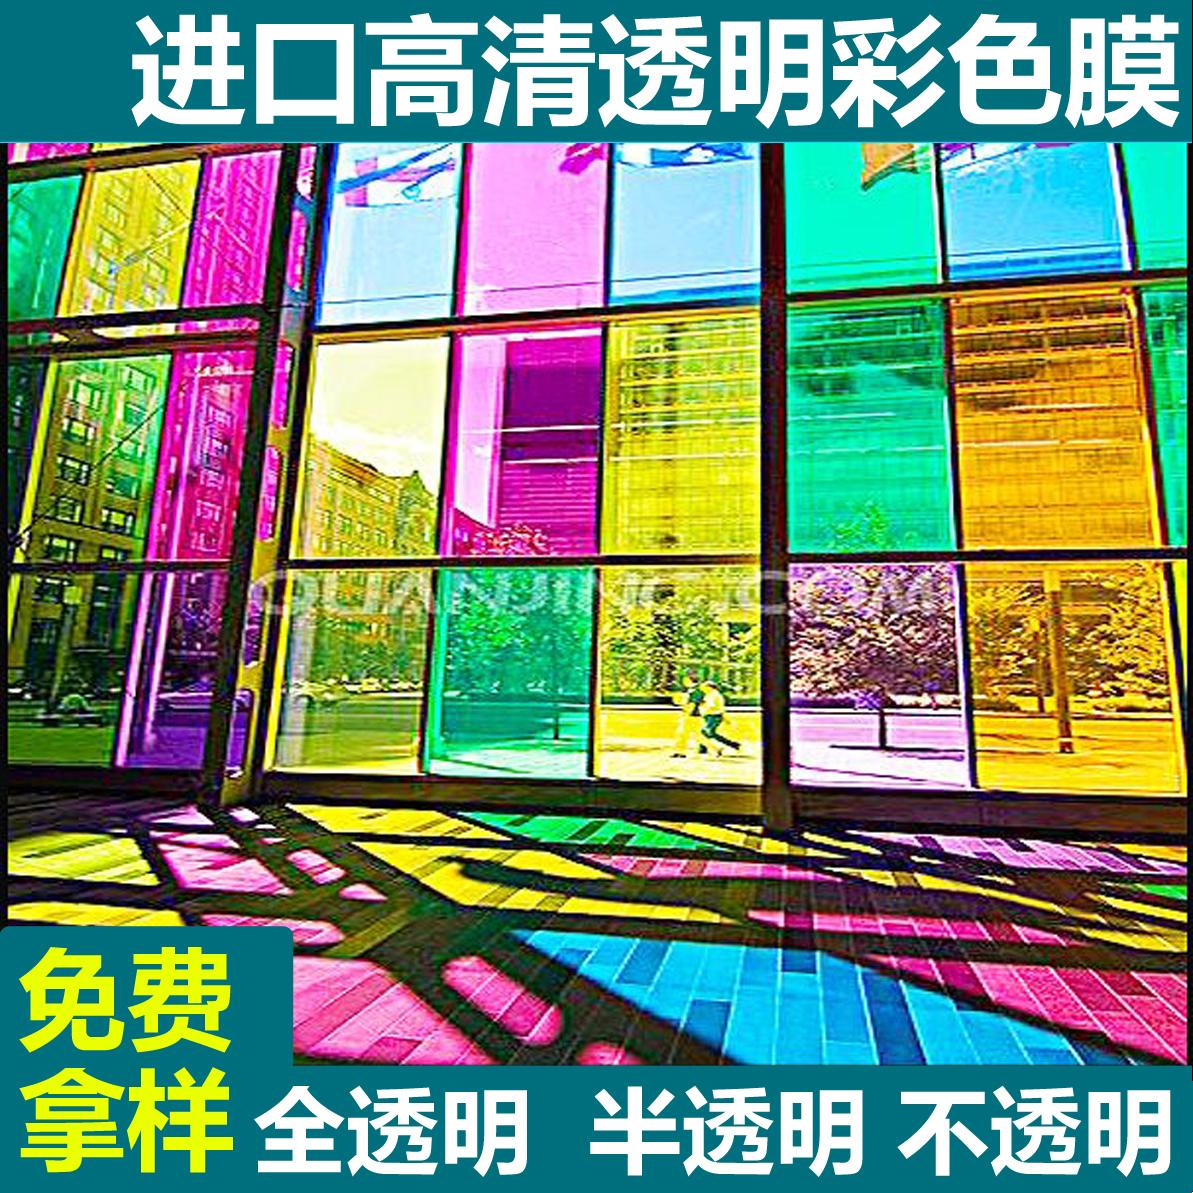 彩色玻璃贴膜窗户玻璃贴纸防晒隔热装饰膜透光透明红黄蓝绿黑茶白